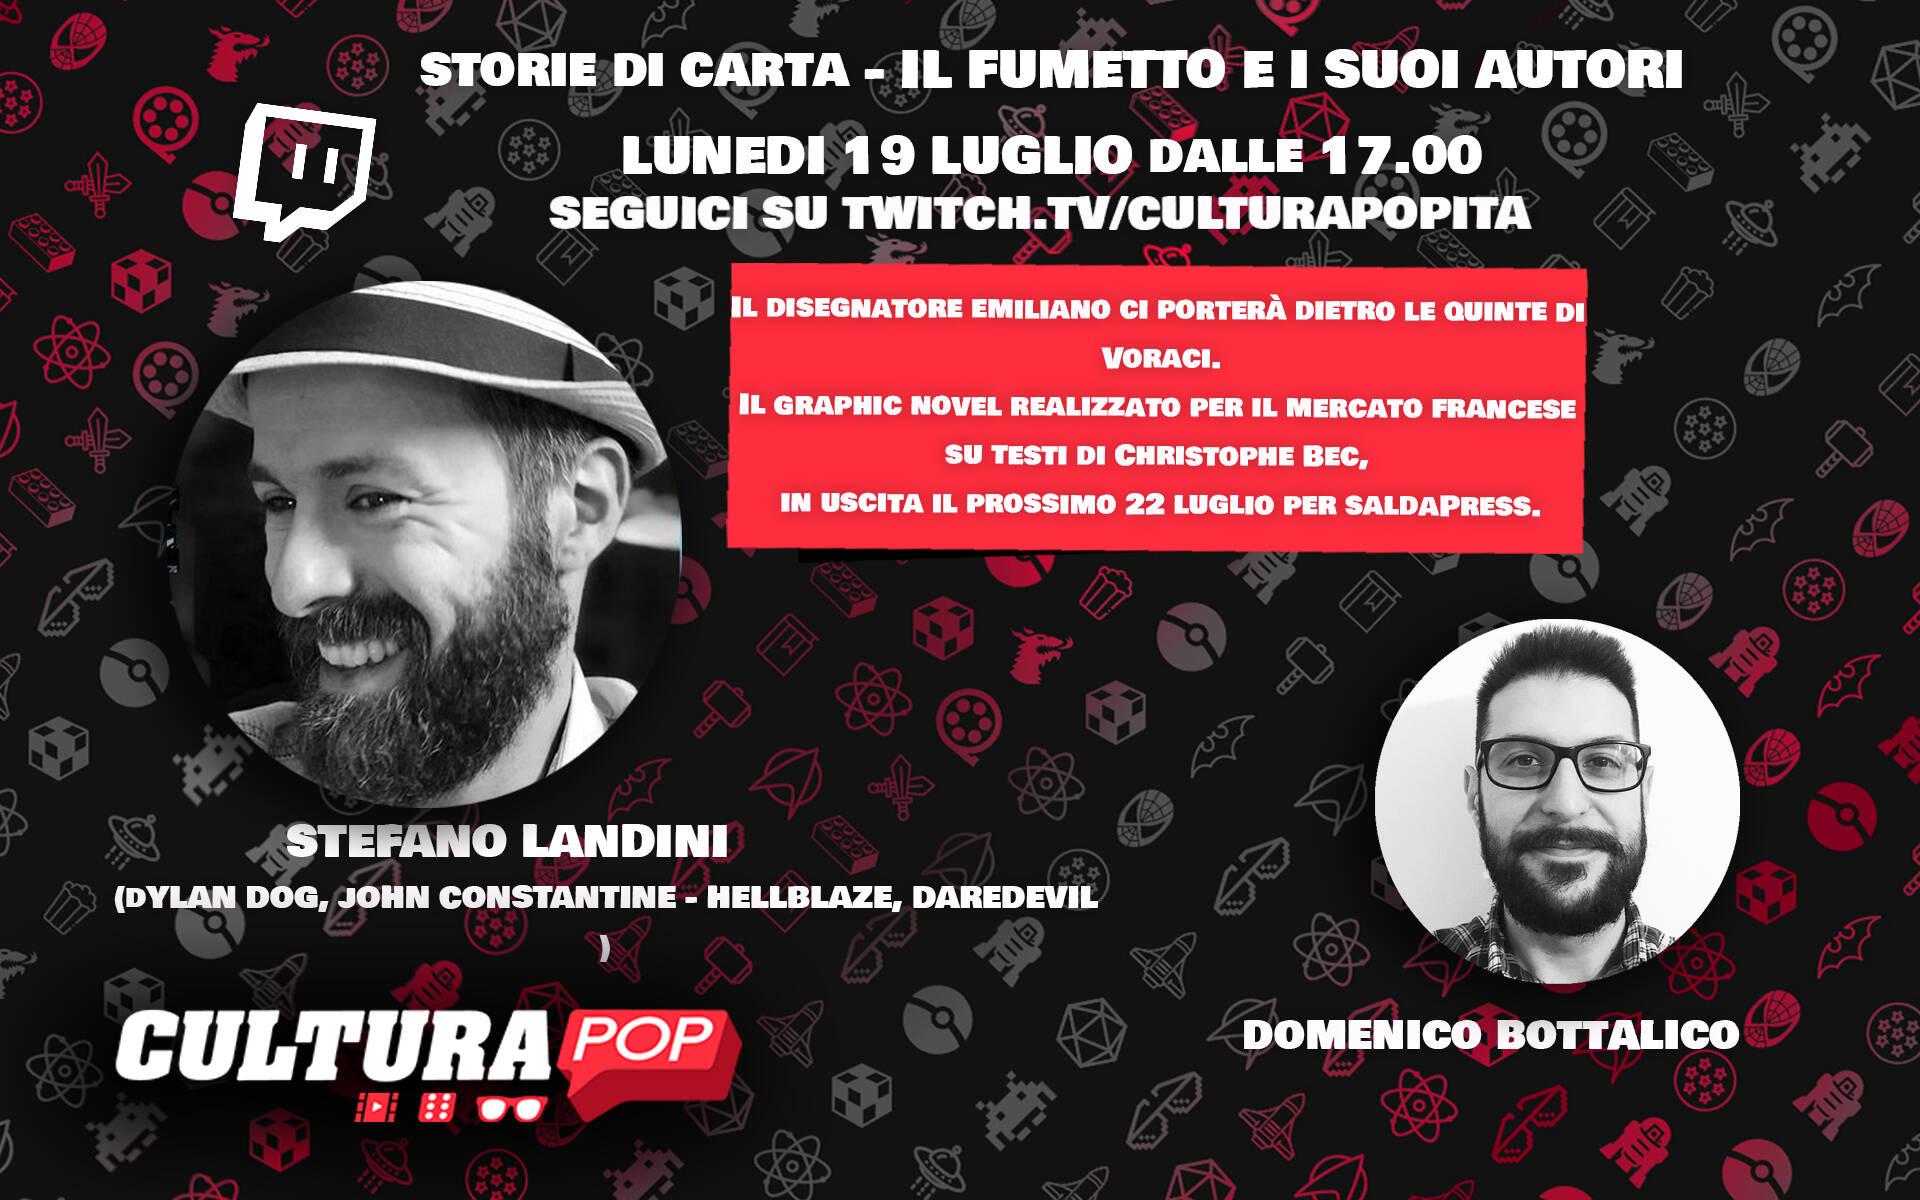 CulturaPOP presenta: il fumetto e i suoi autori, Stefano Landini